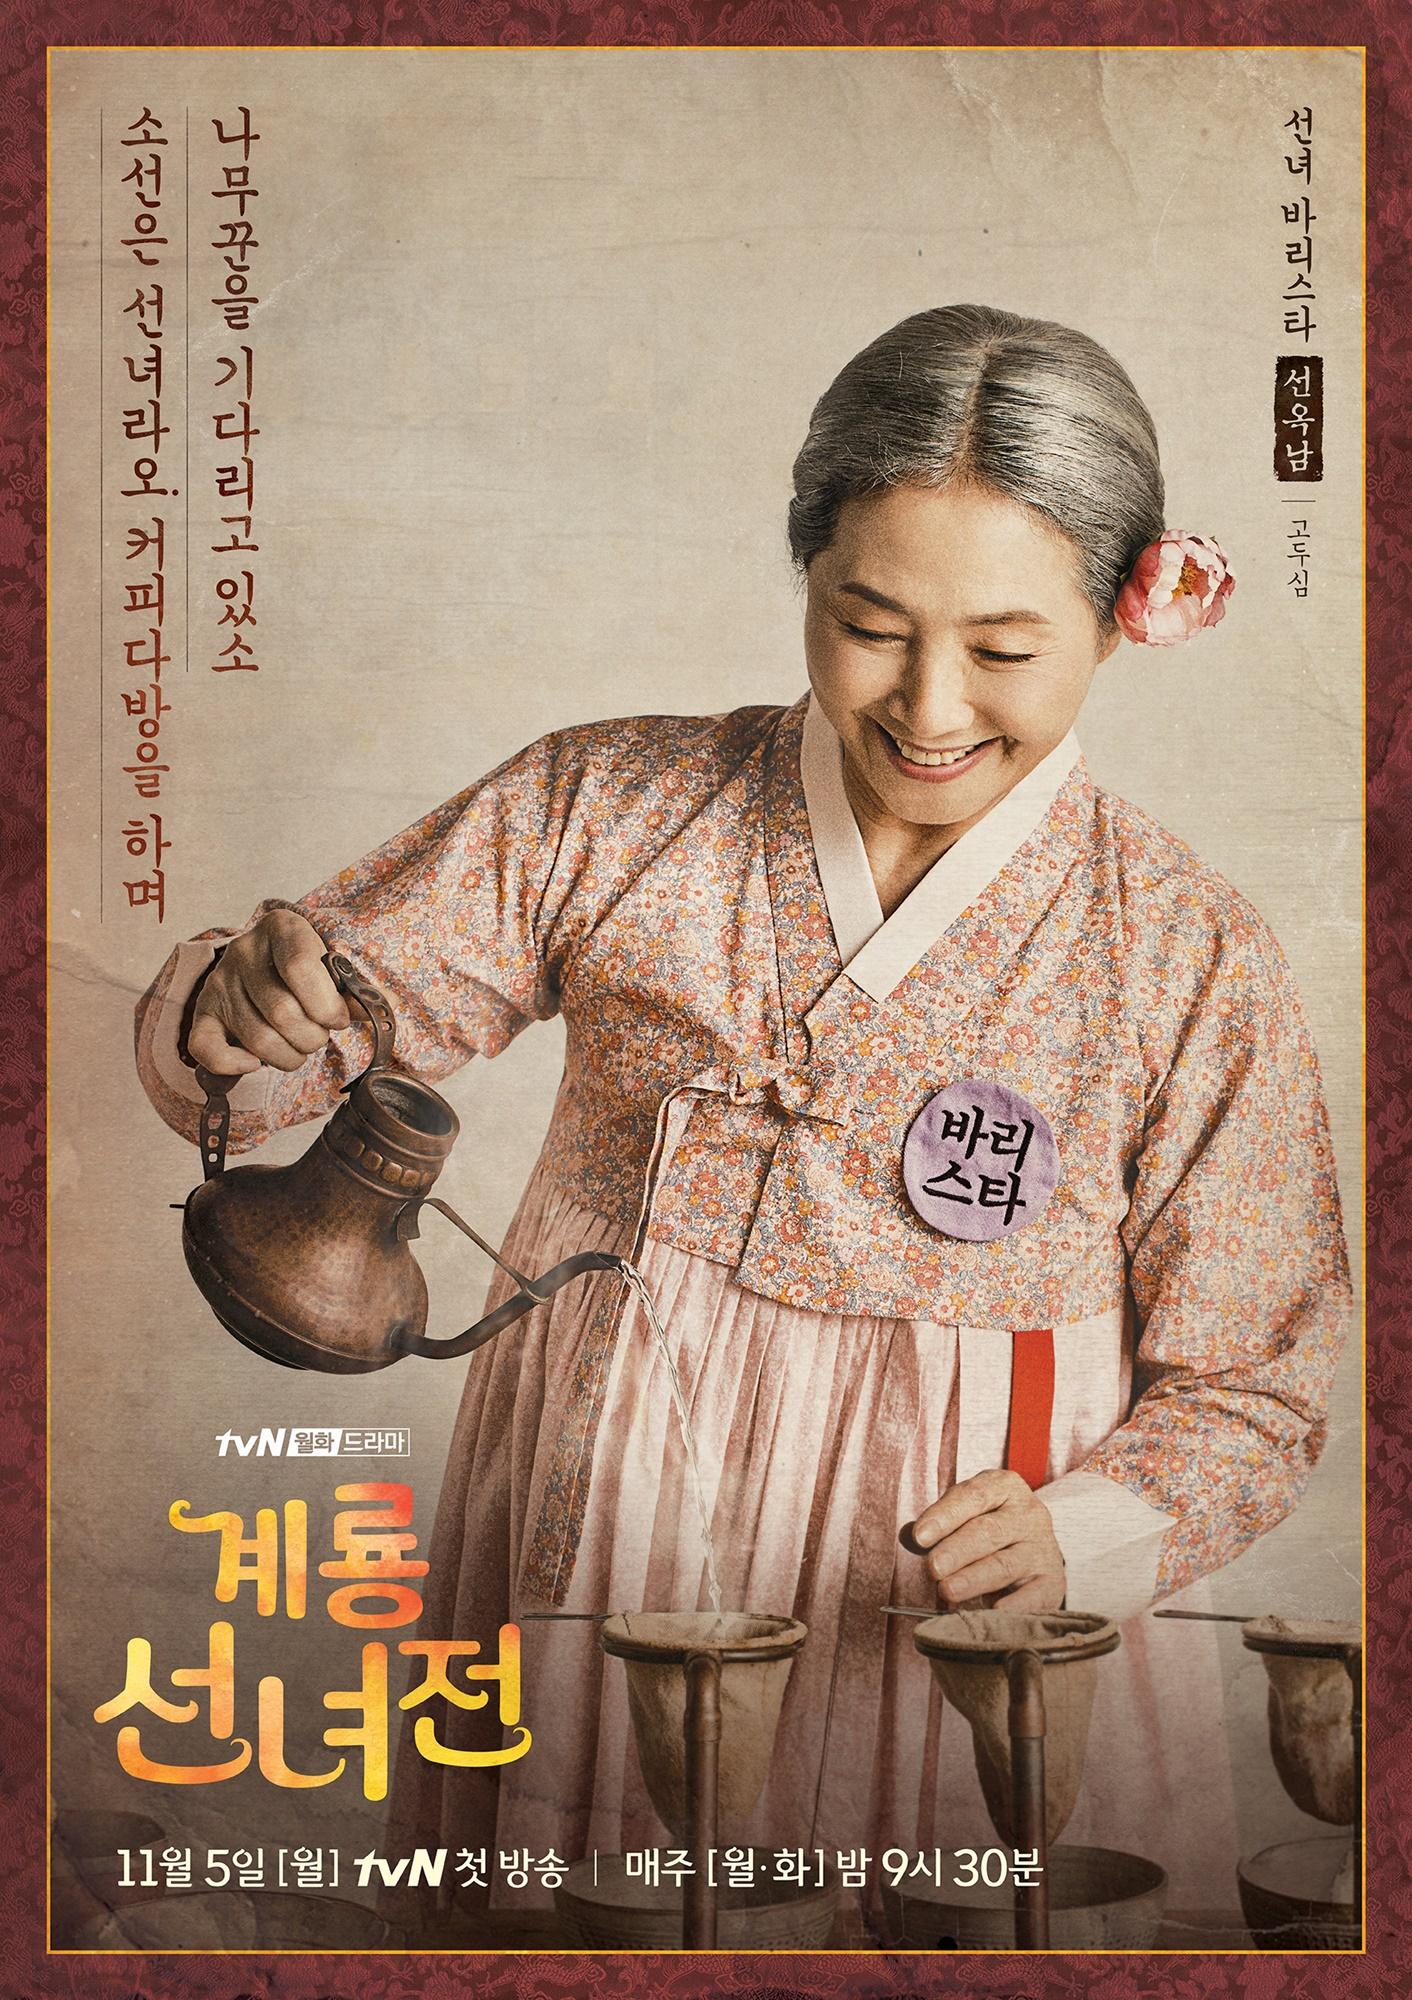 181015 - (5) tvN [계룡선녀전] 캐릭터 포스터로 먼저 만나는 계룡선녀전!.jpg